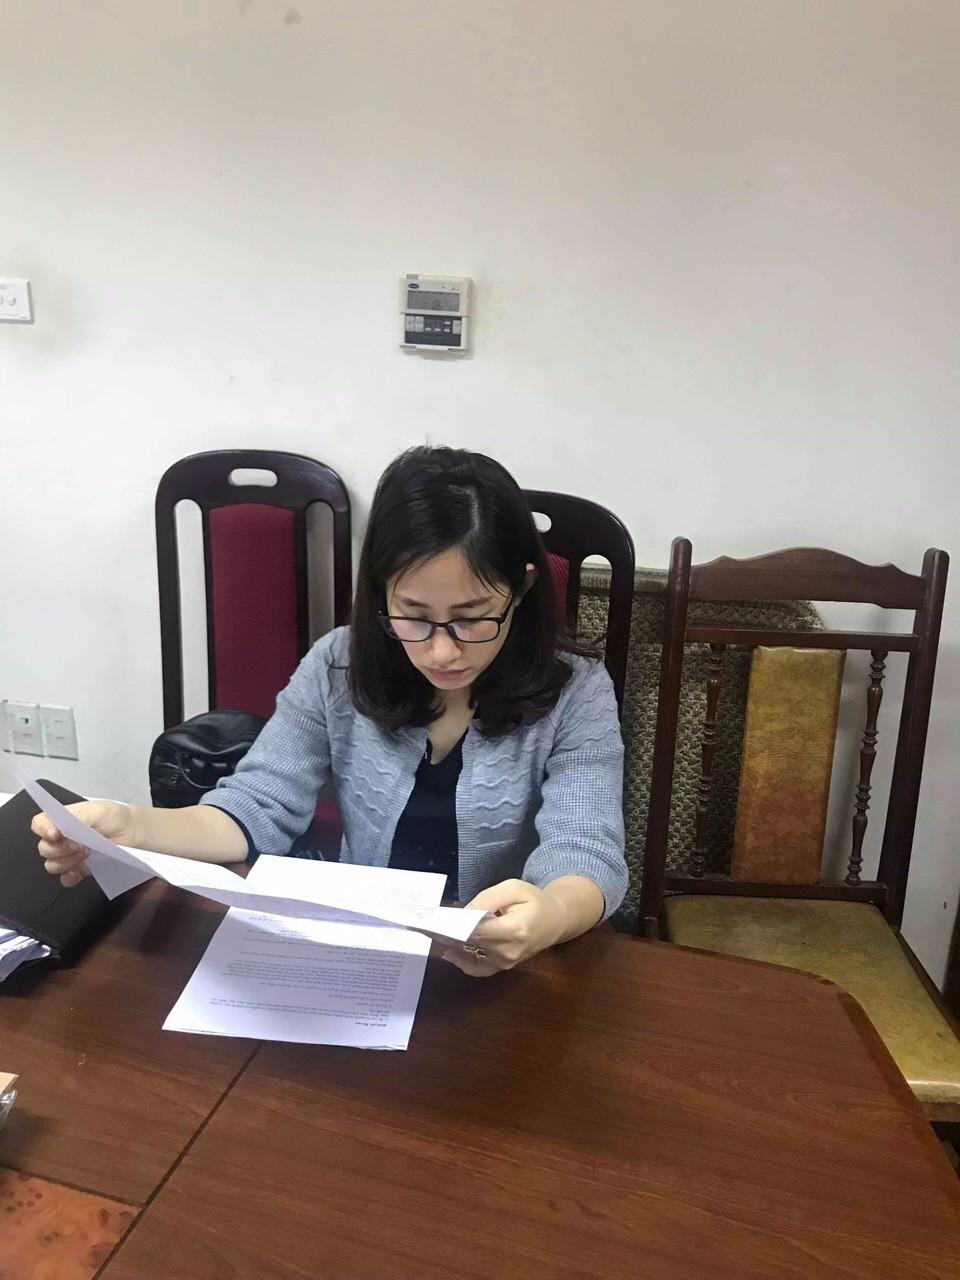 Khởi tố, bắt giam nguyên Chủ tịch BIDV Trần Bắc Hà - ảnh 4